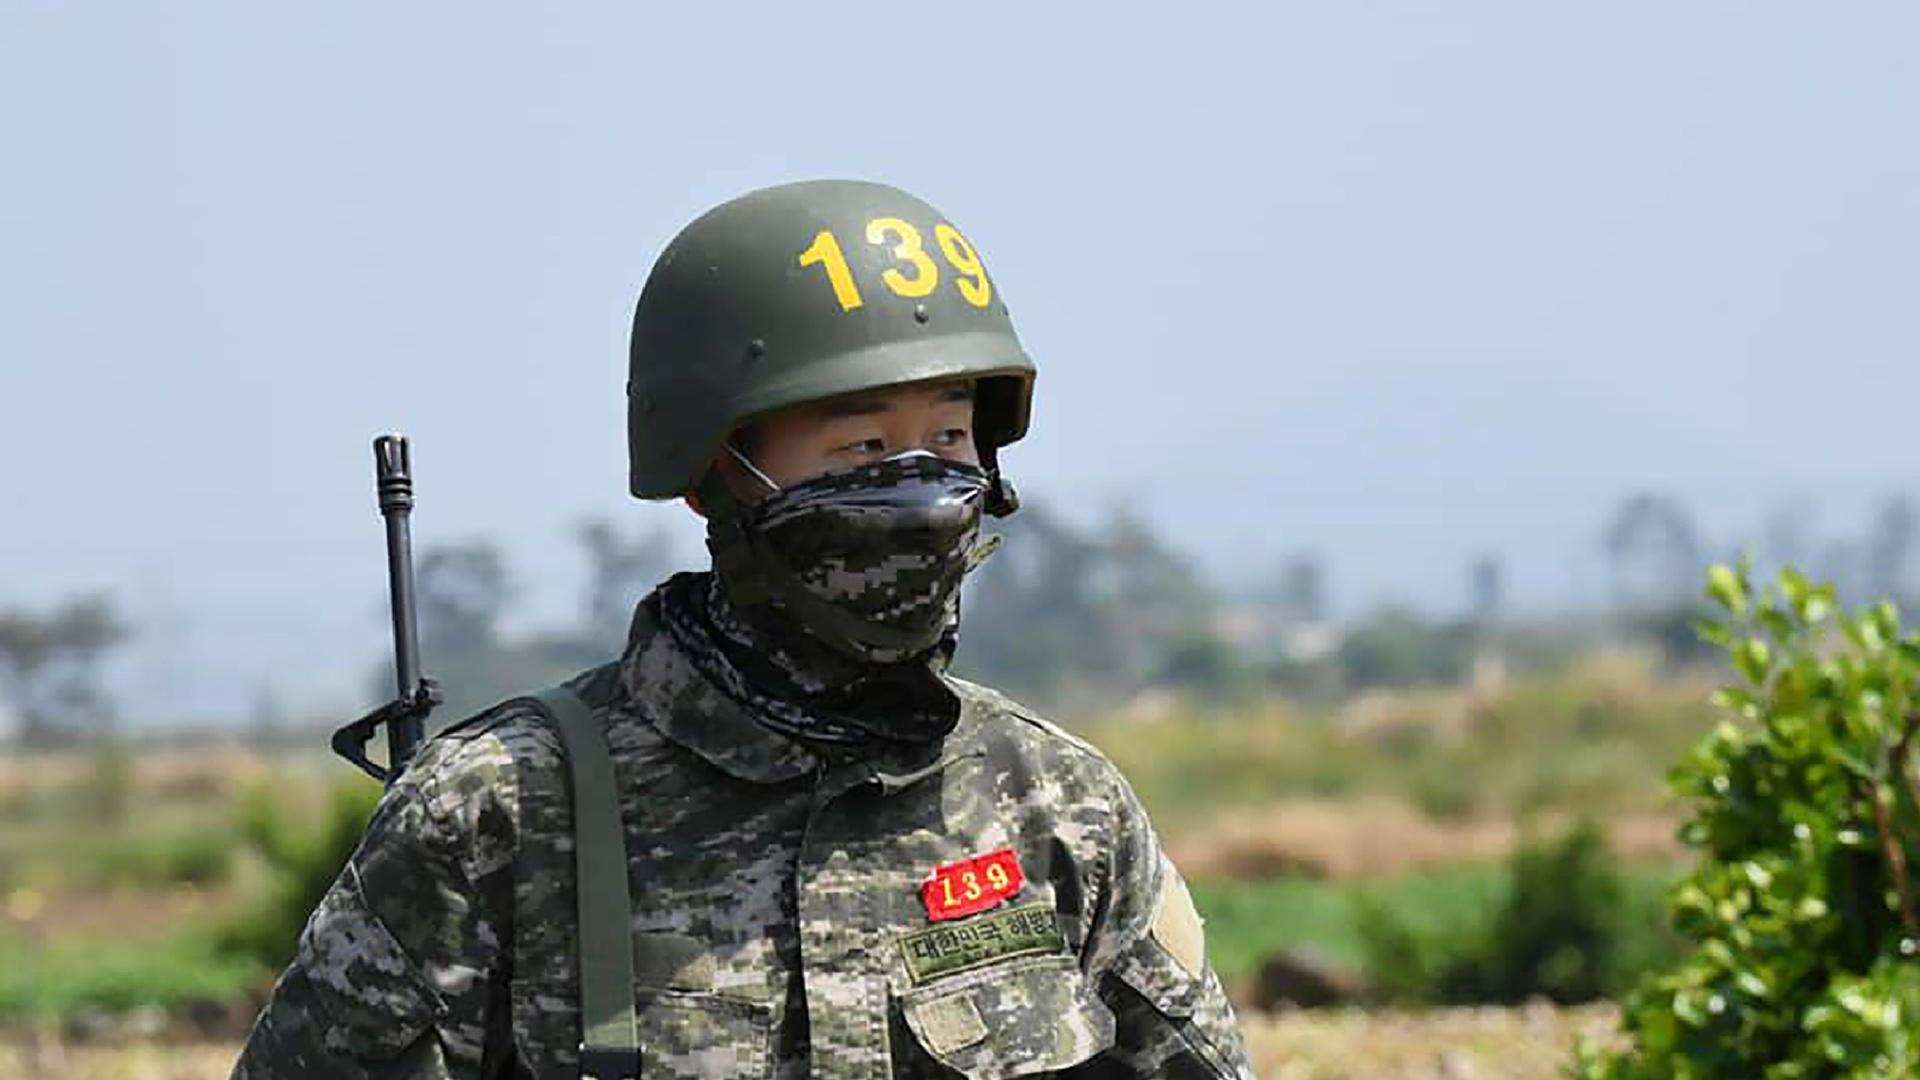 سون يتحدث عن تجربته بالخدمة العسكرية